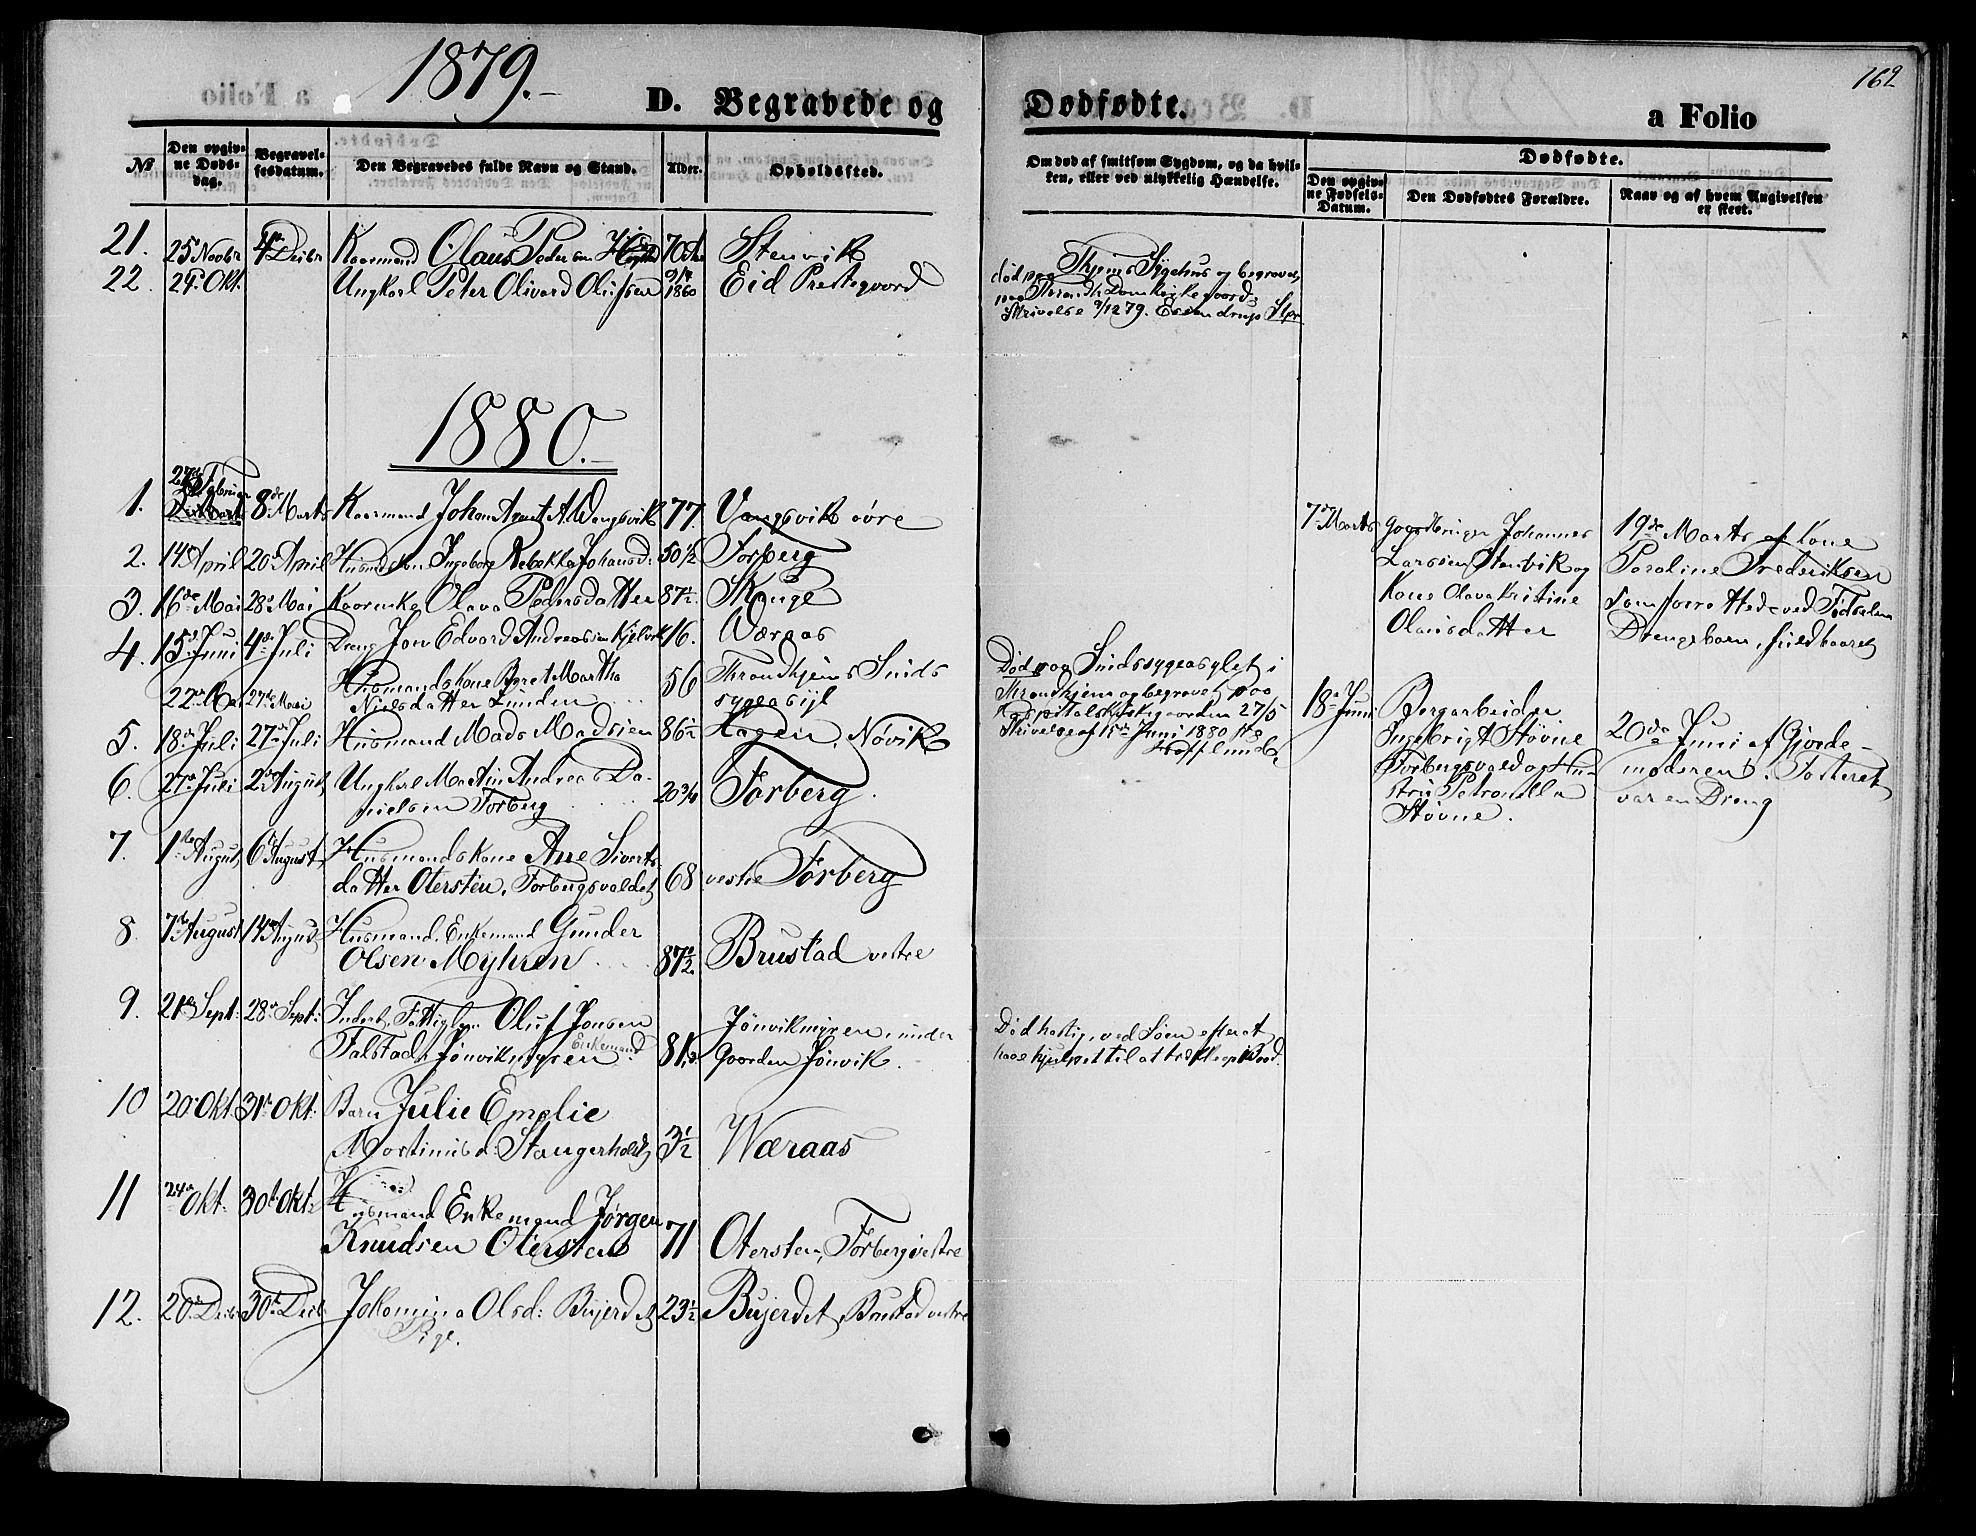 SAT, Ministerialprotokoller, klokkerbøker og fødselsregistre - Nord-Trøndelag, 722/L0225: Klokkerbok nr. 722C01, 1871-1888, s. 162